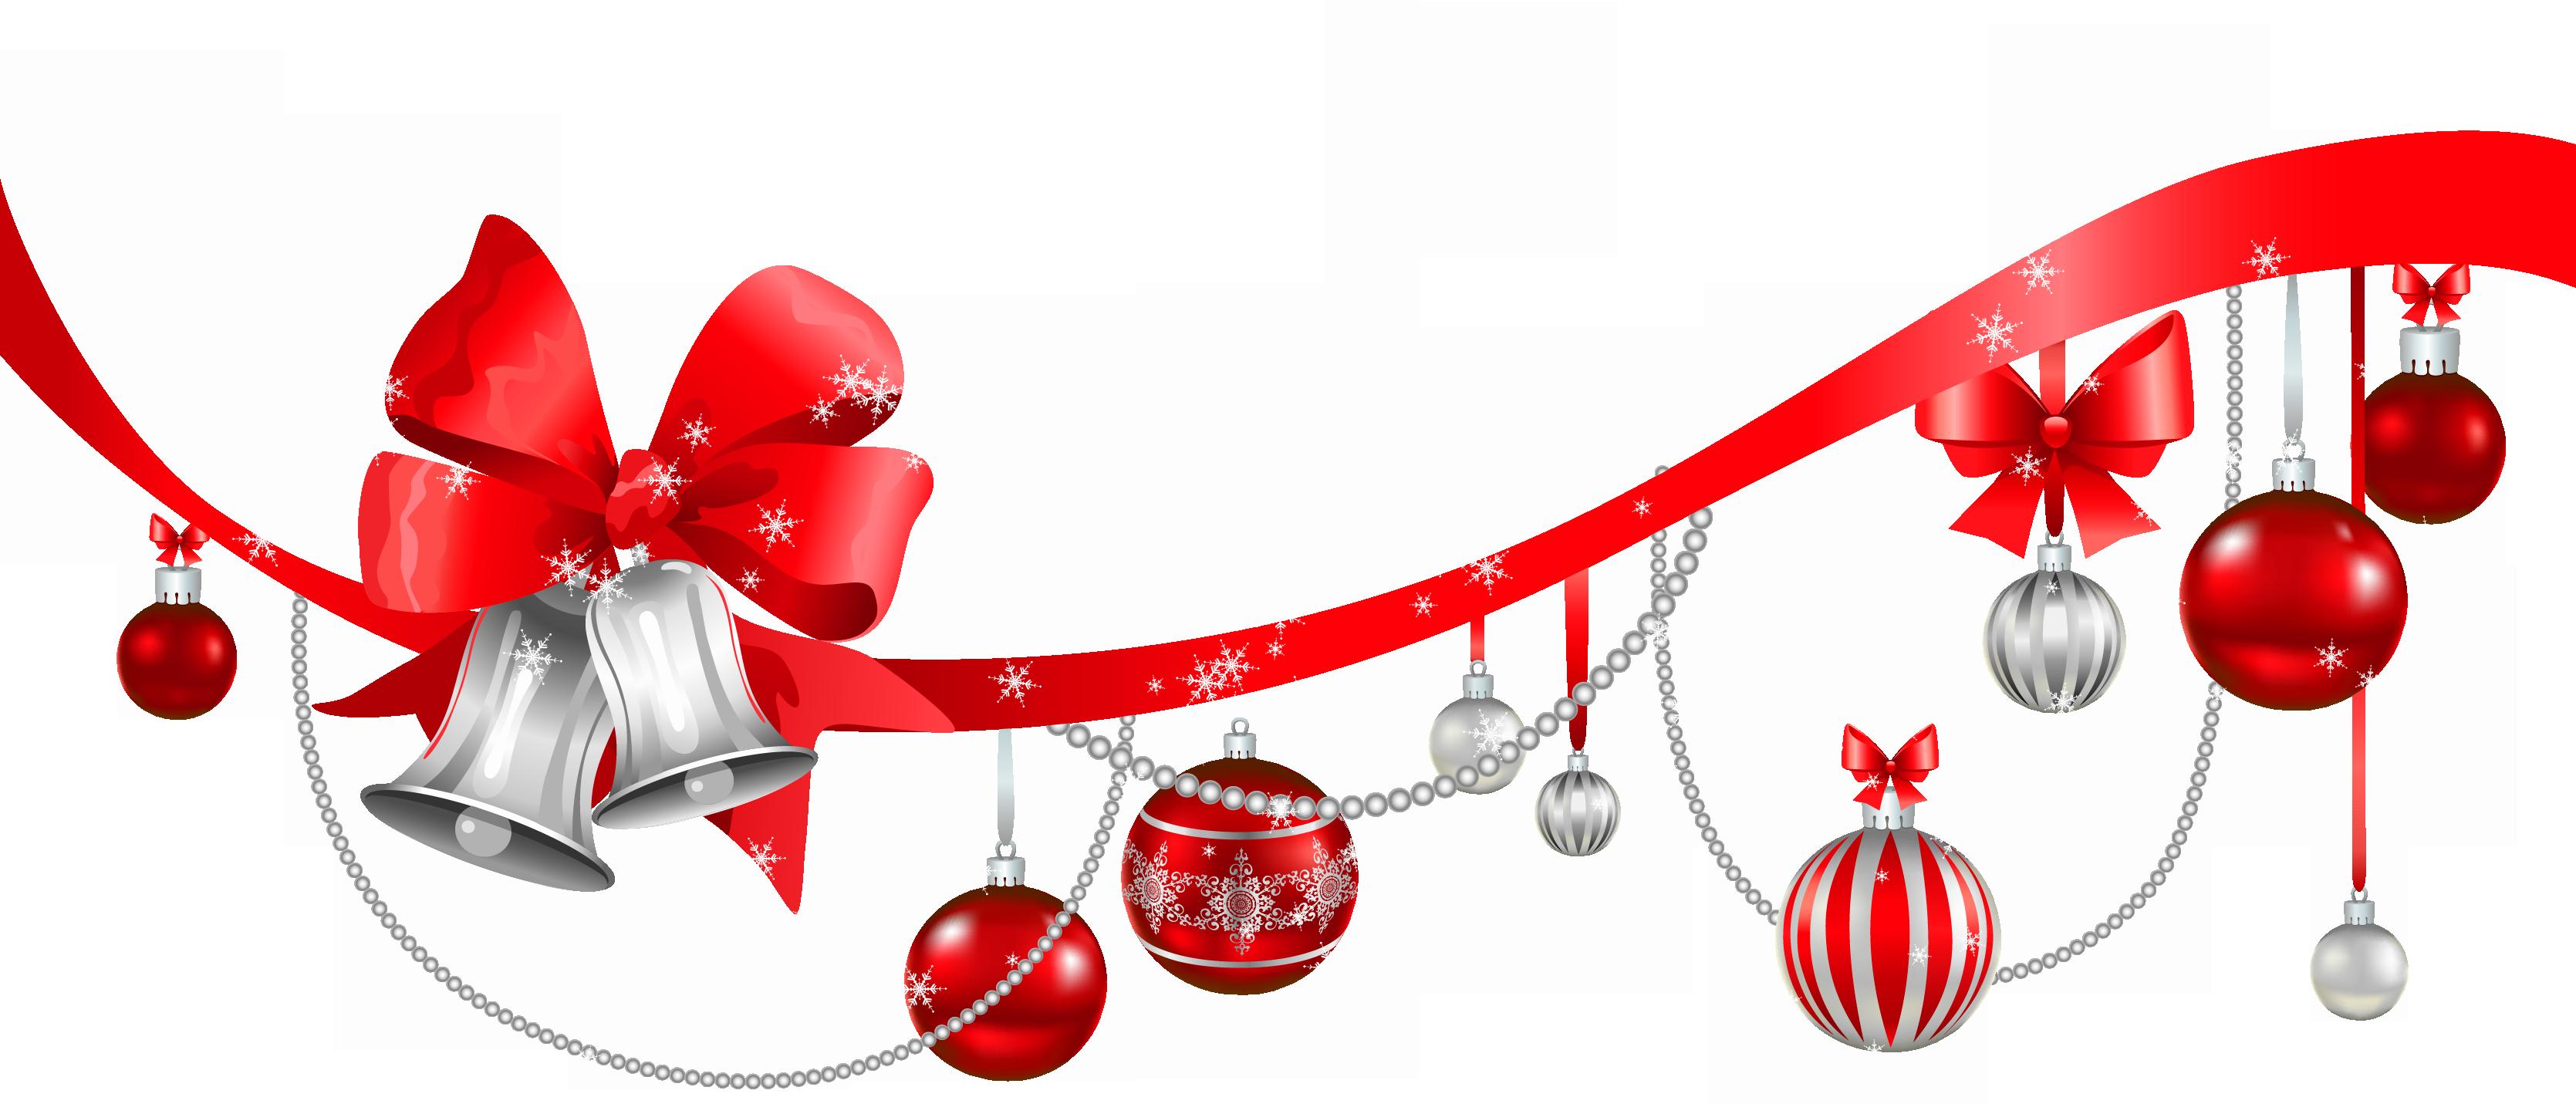 Transparent christmas decoration png. Flourishes clipart mundan ceremony